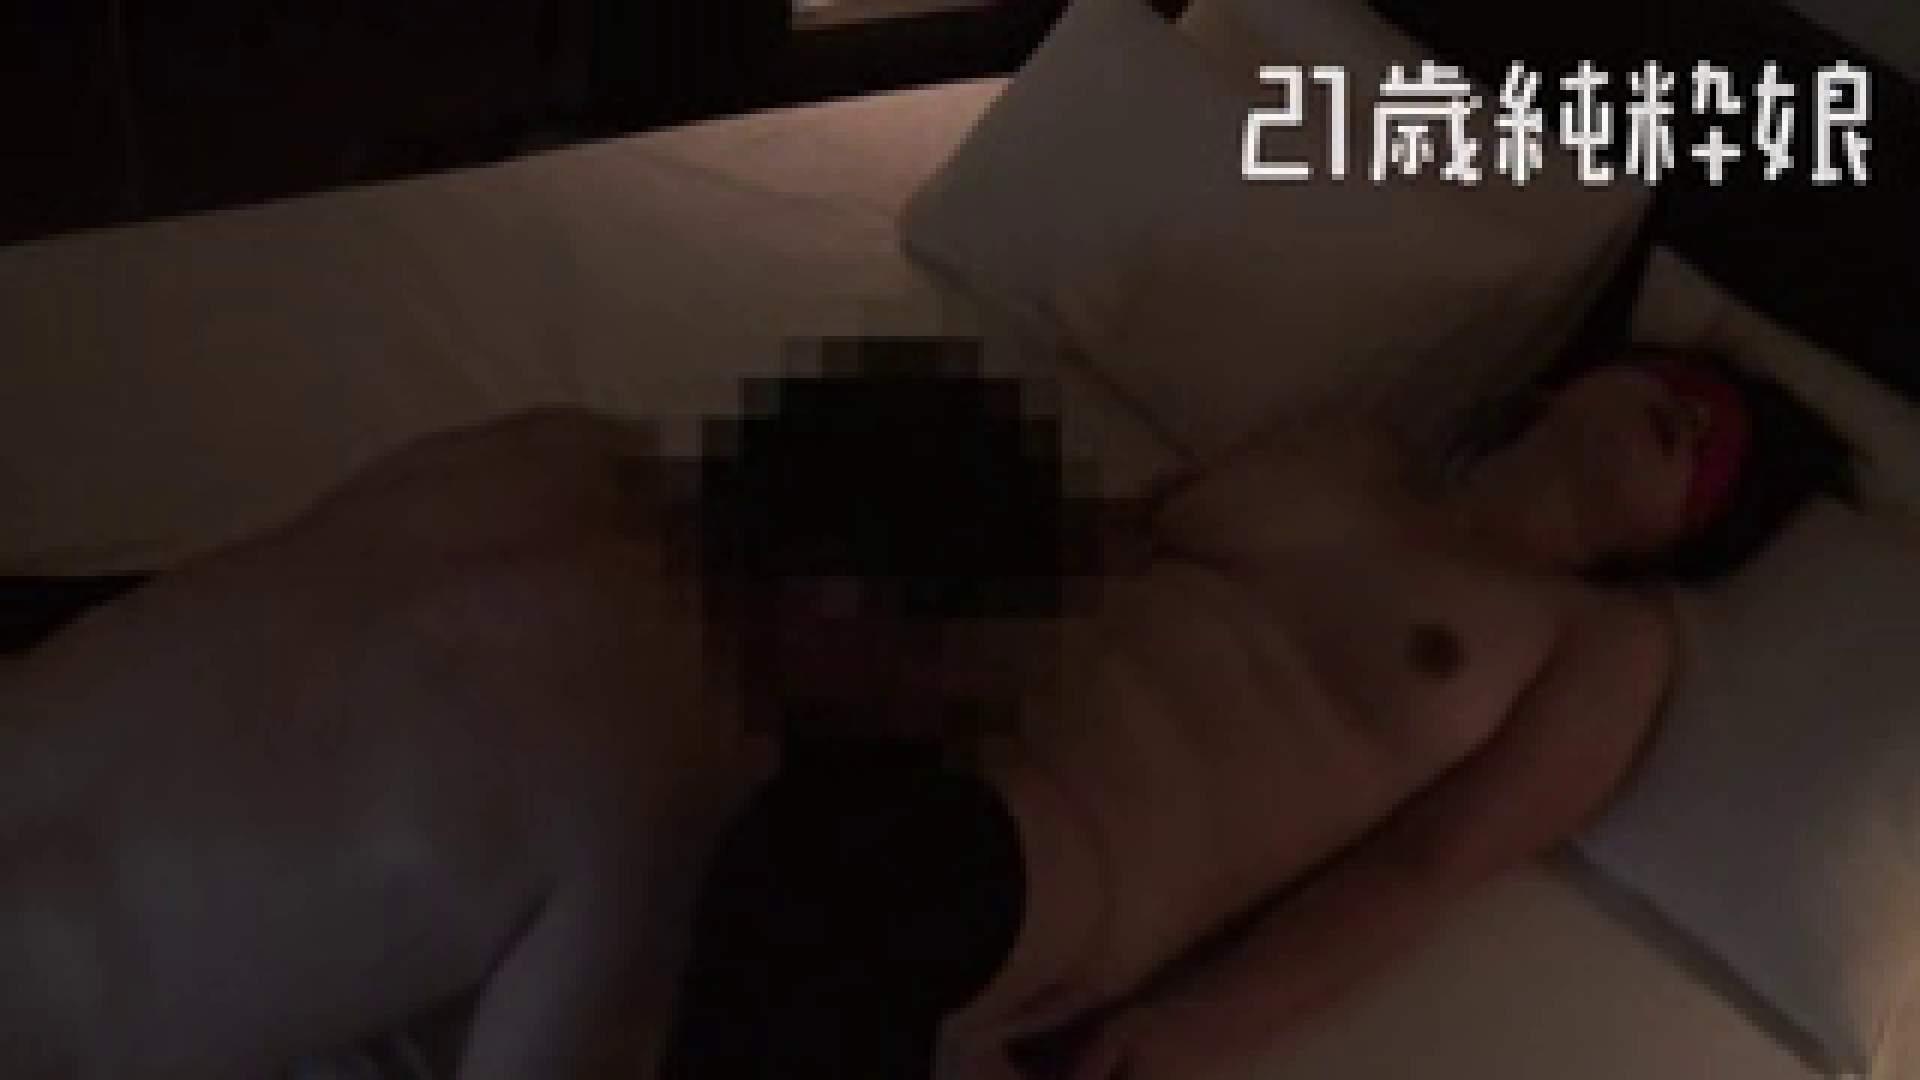 上京したばかりのGカップ21歳純粋嬢を都合の良い女にしてみた4 友人 オマンコ無修正動画無料 90画像 79